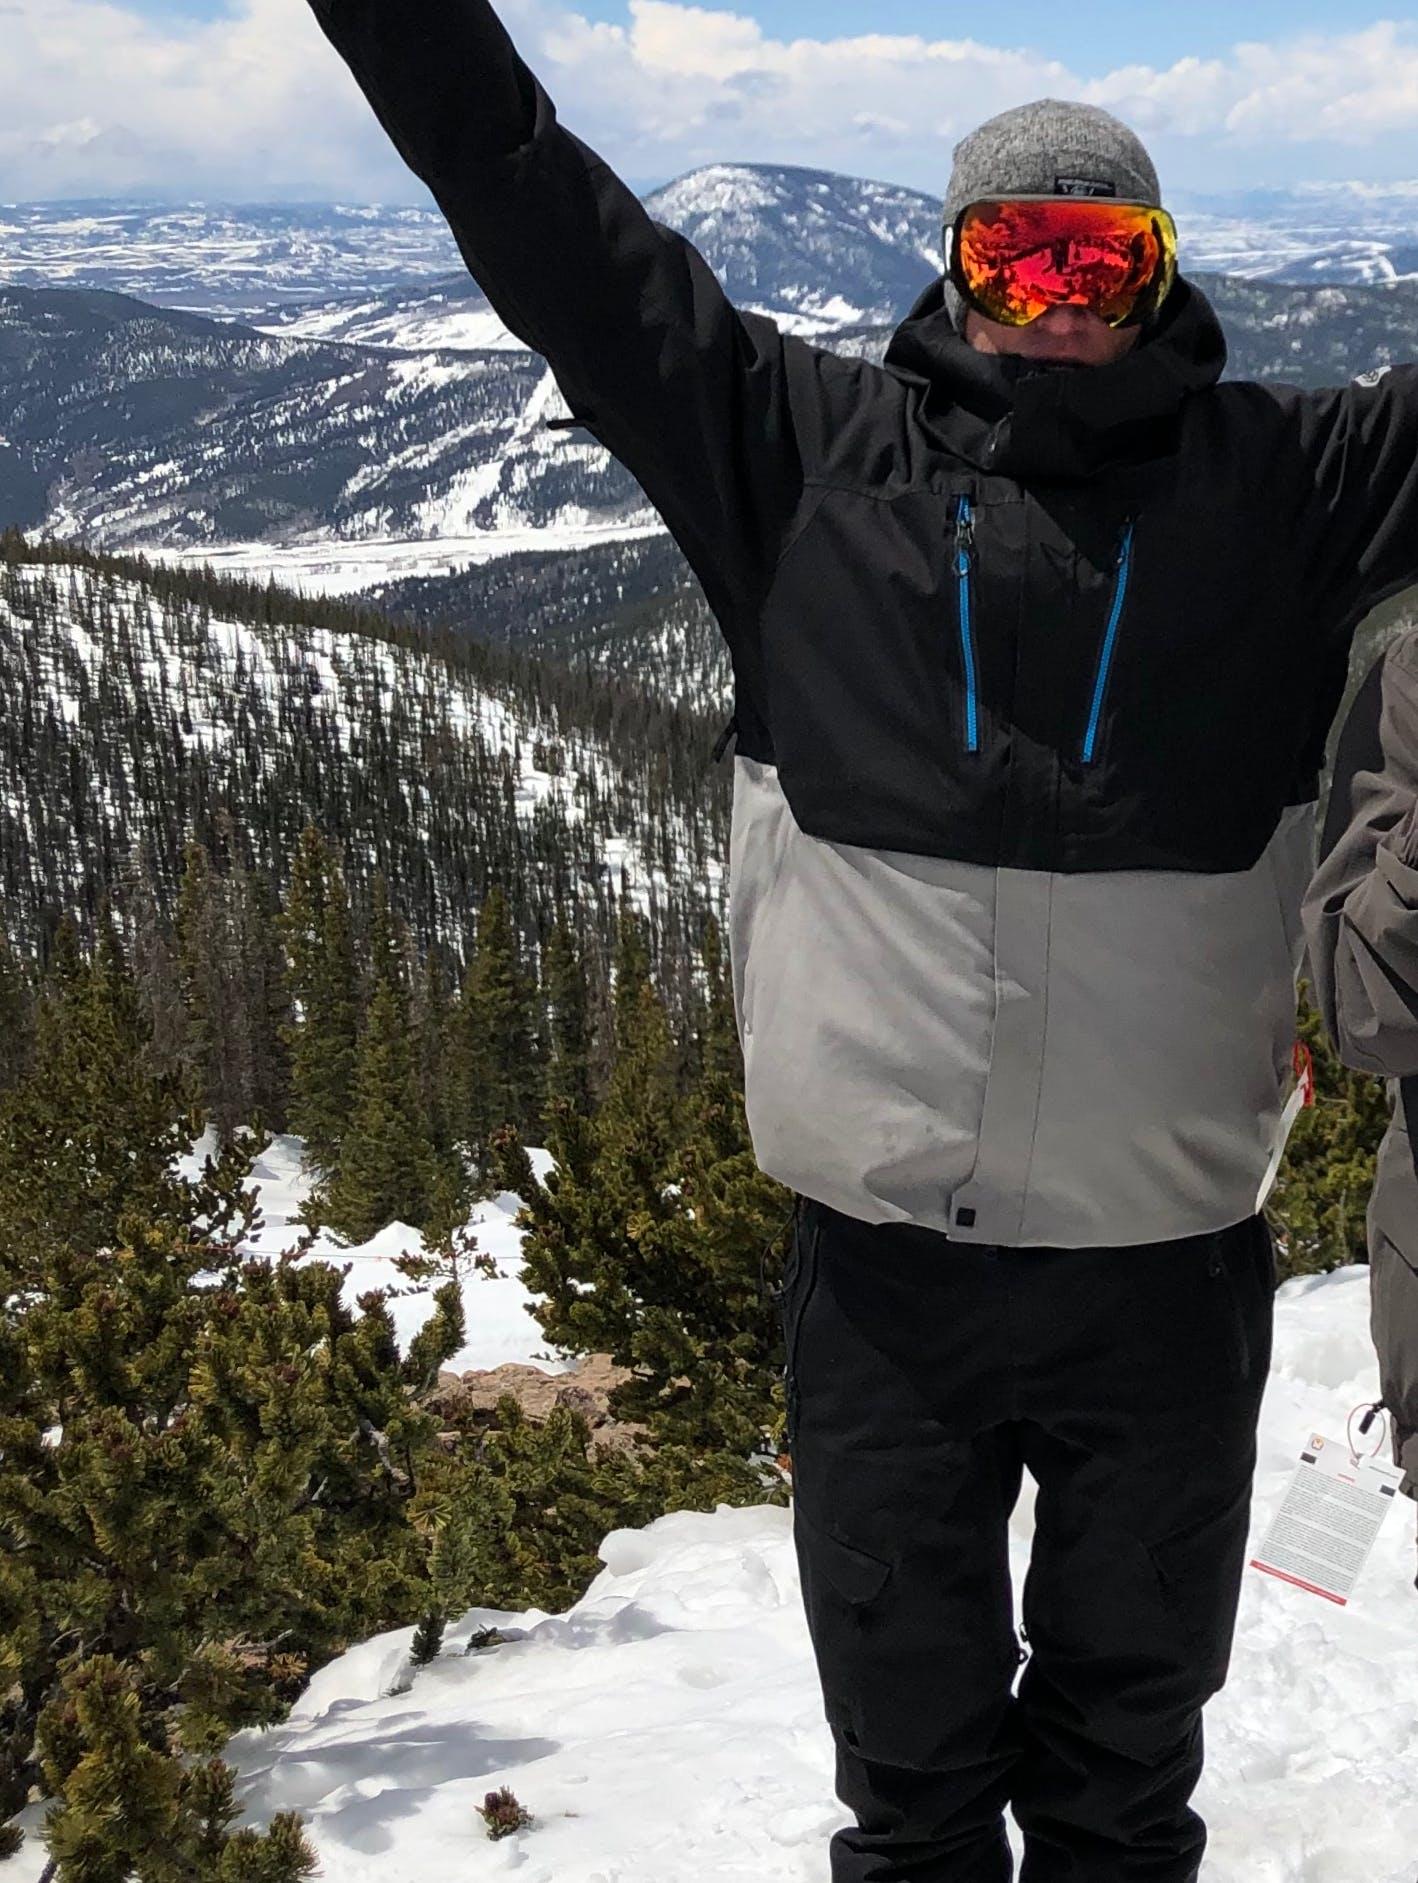 Snowboard Expert Mike Osborne